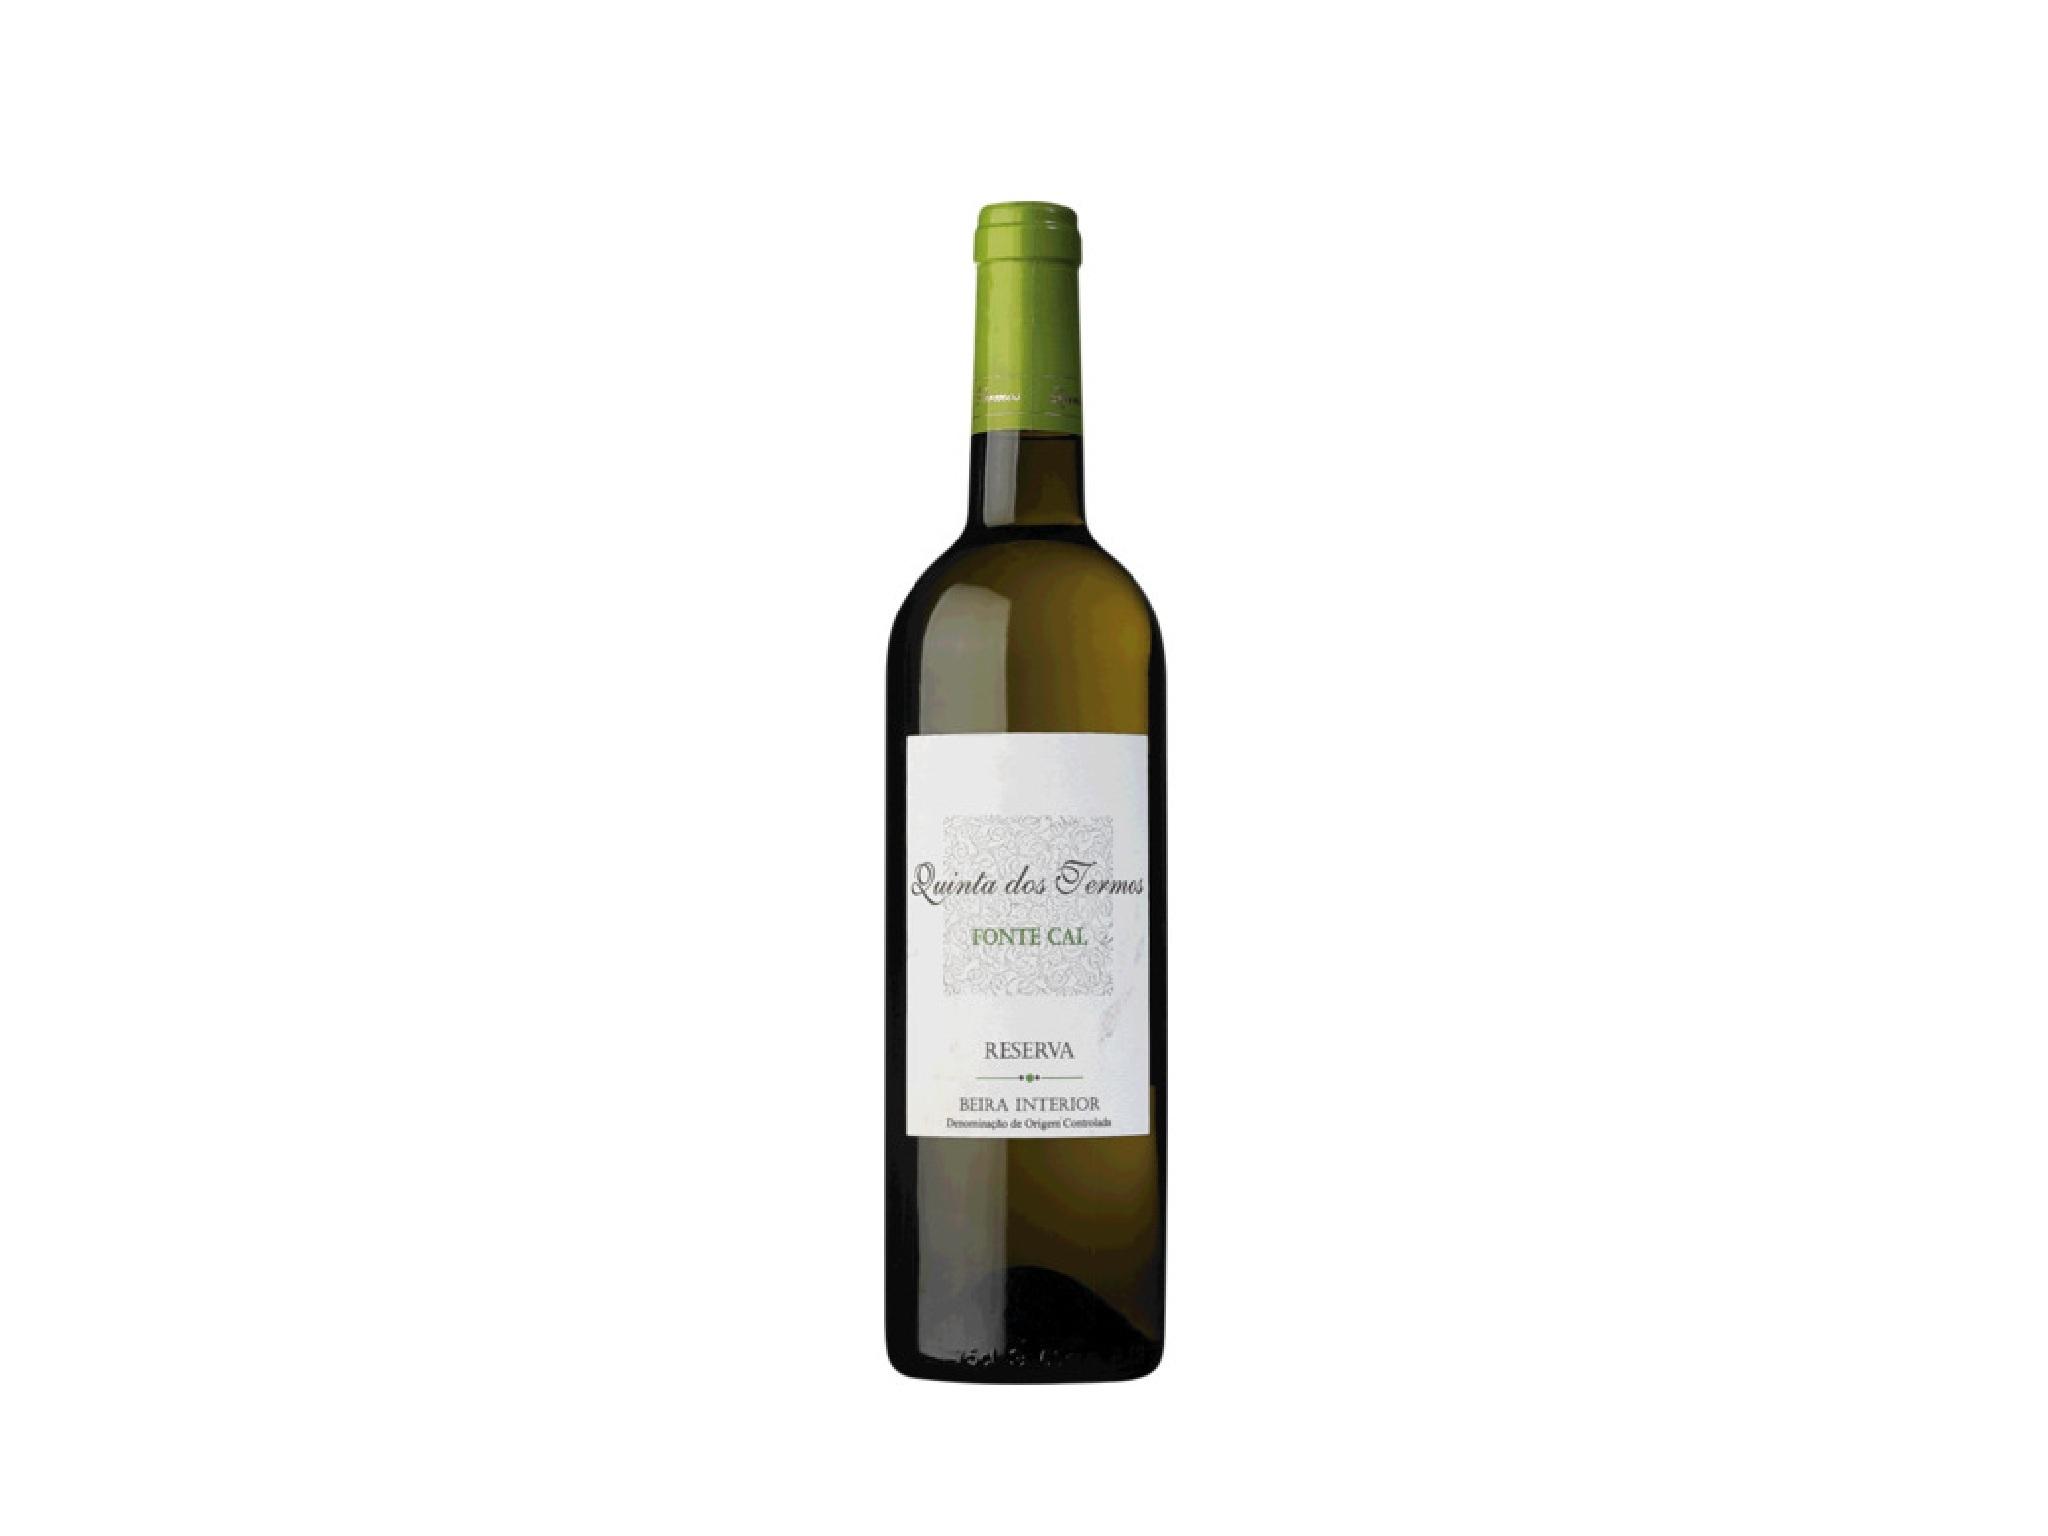 Vinho, Quinta dos Termos Fonte Cal Reserva Branco 2019, Beira Interior